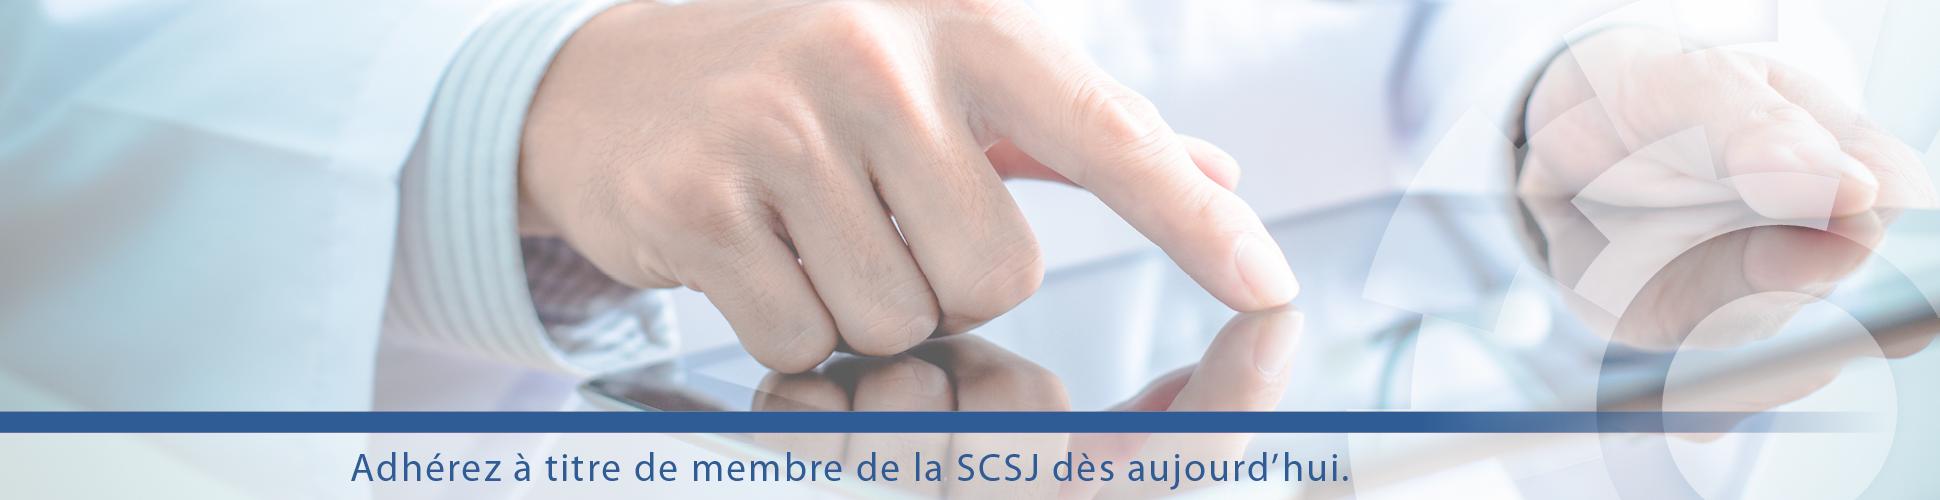 csfs-joinus-banner-fr